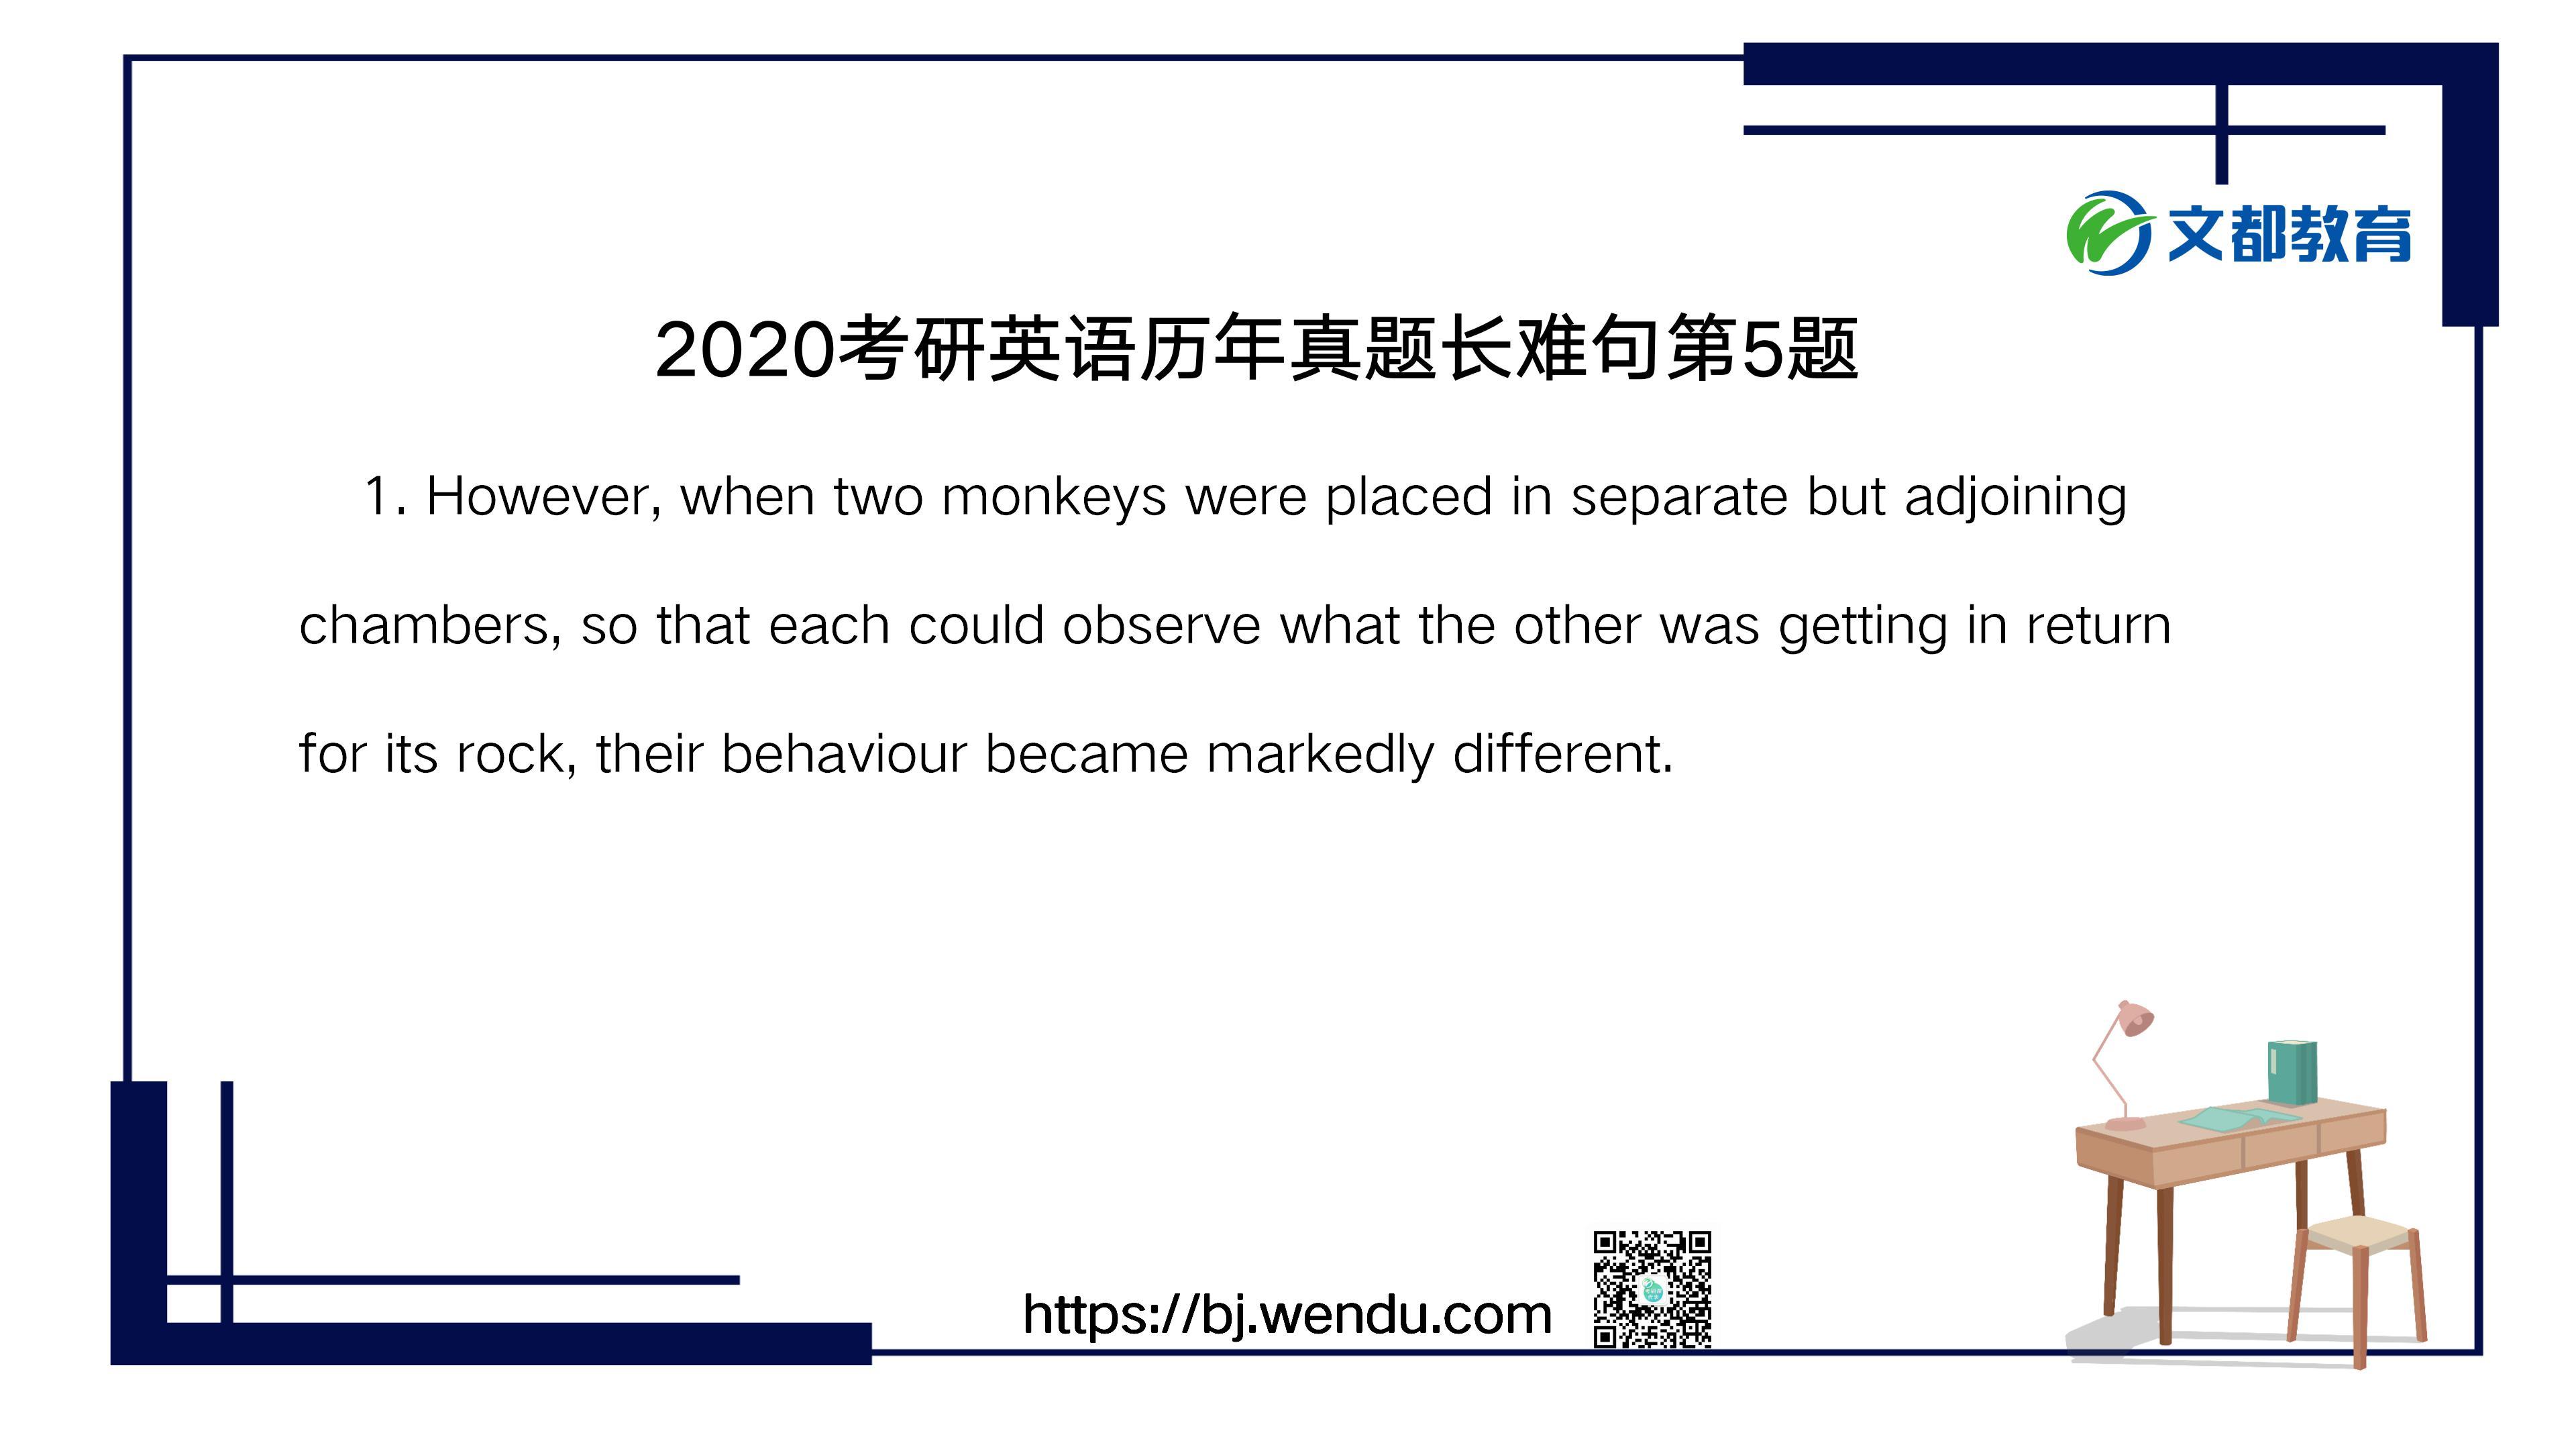 2020考研英语历年真题长难句第5题